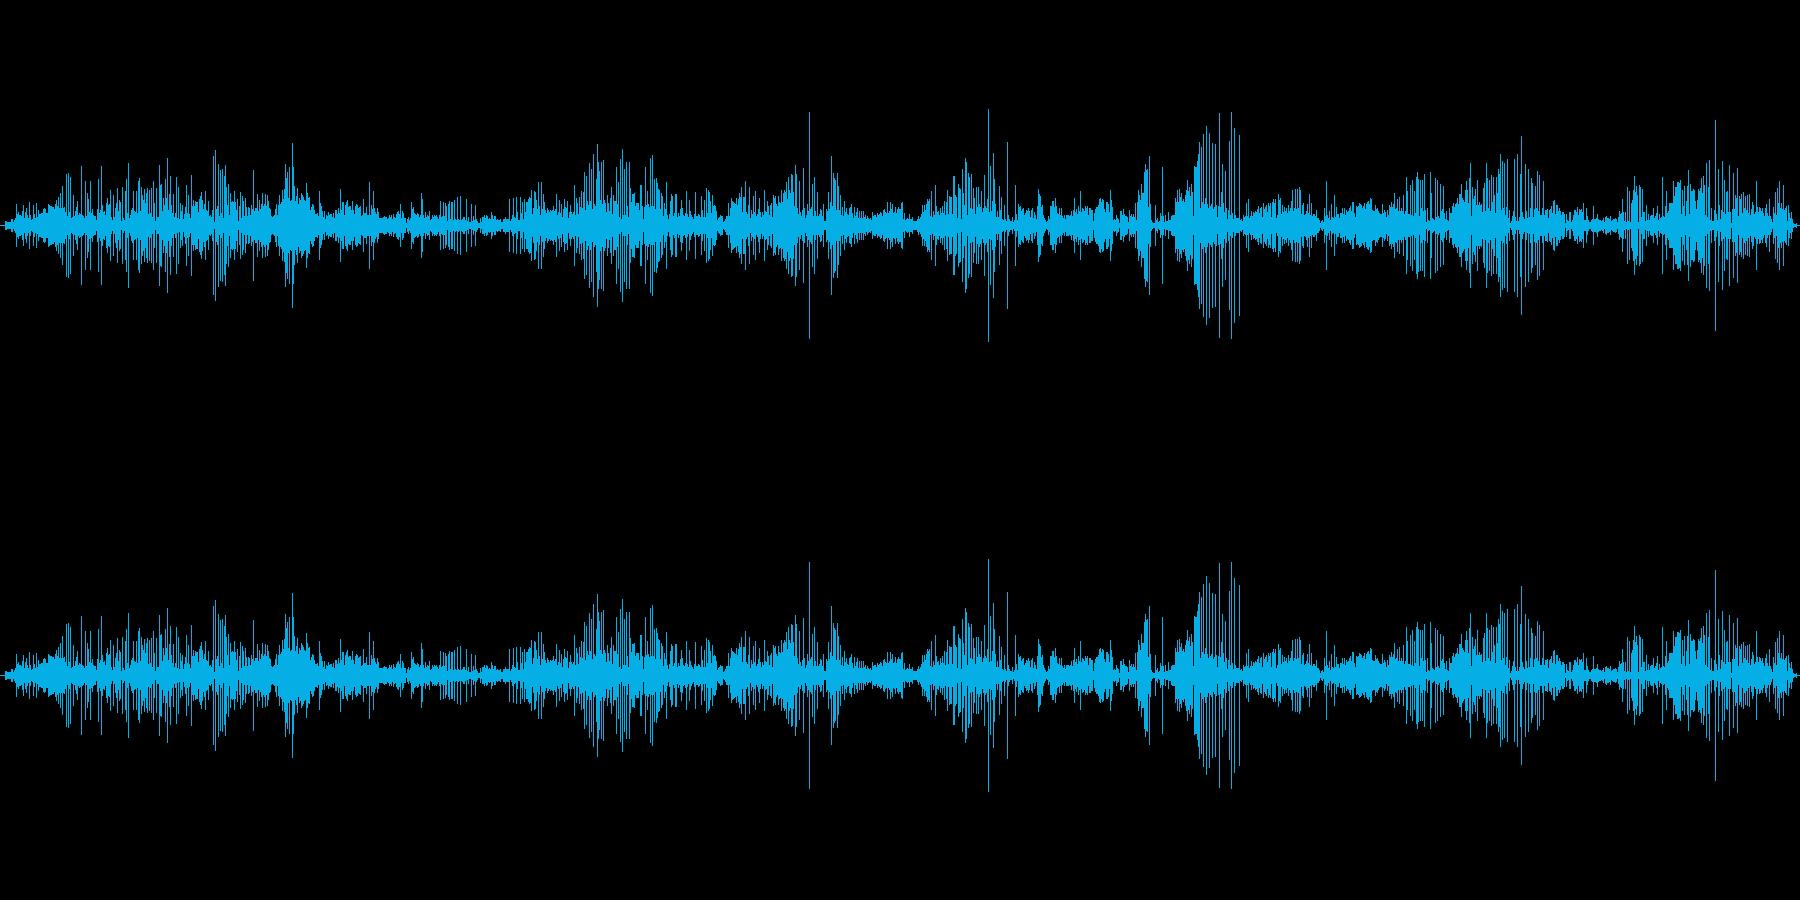 レザー レザーブートクリーク03の再生済みの波形